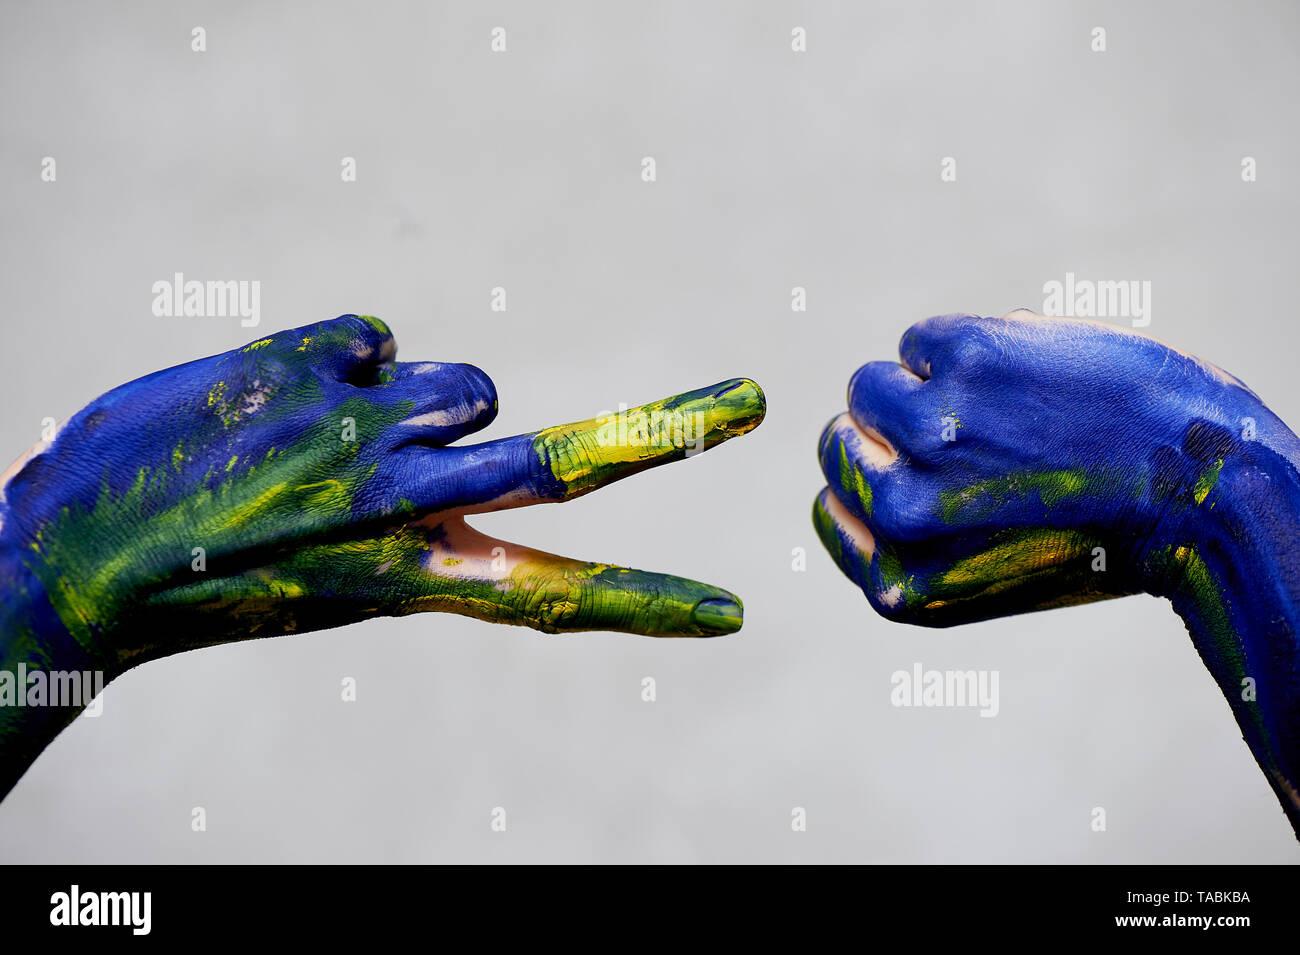 Anmutigen Händen des Künstlers. Hände in blauer und gelber Farbe. Schöpfer, Kreativität. Yoga für die Hände. ein Spiel von Rock Paper Scissors. Stein Schere, Hand i Stockbild